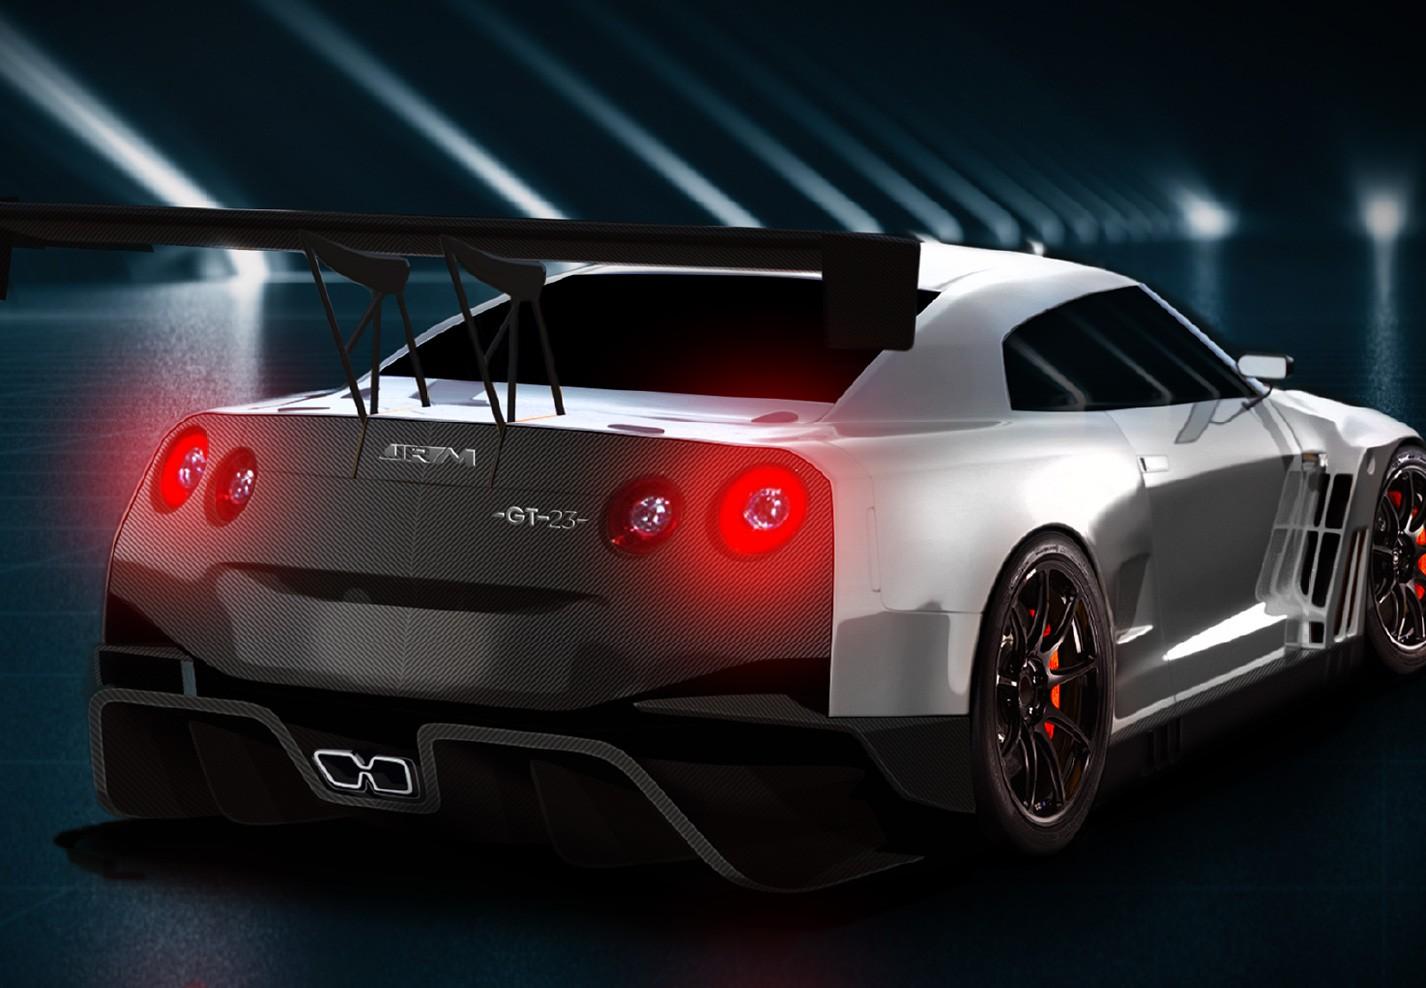 Nissan-GT-T-GT23-by-JRM-10